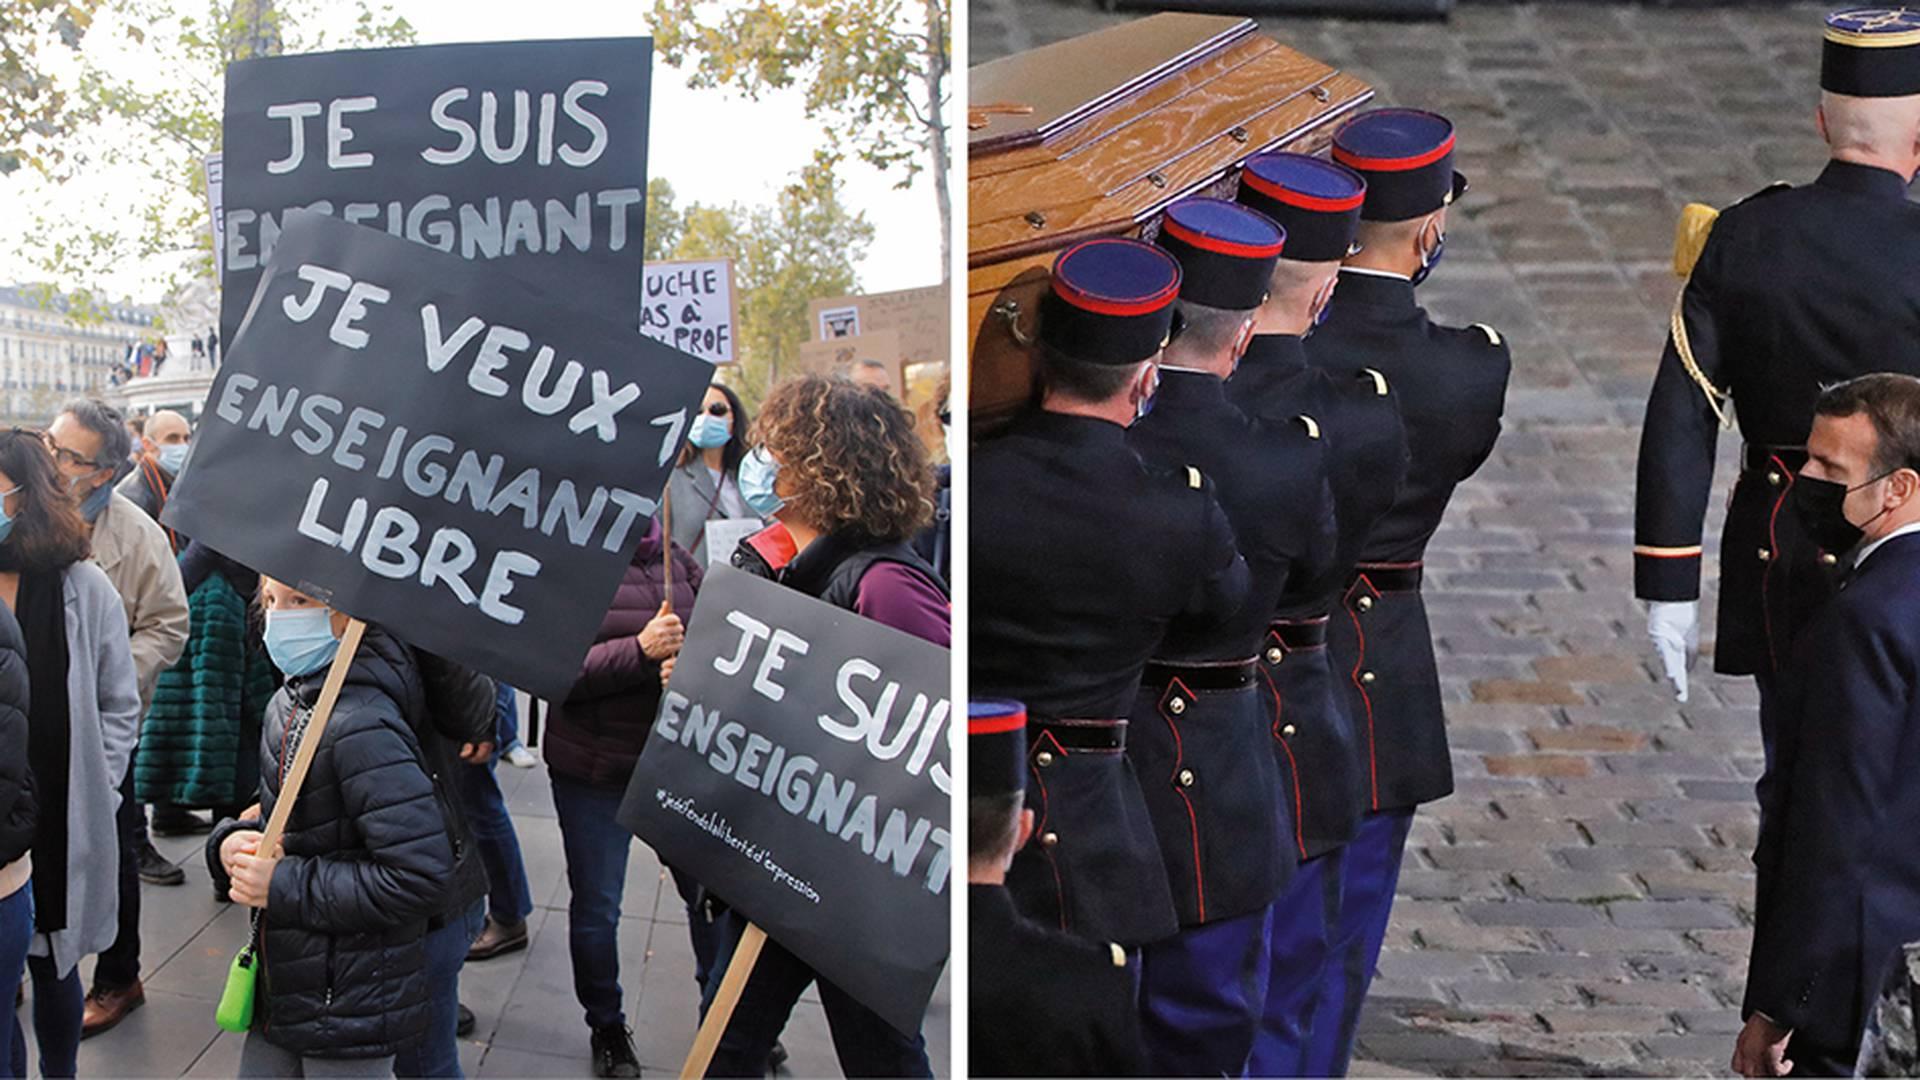 Ante la conmoción, miles de personas conmemoraron esta semana el trabajo del profesor Samuel Paty. El presidente francés Emmanuel Macron y 400 personas rindieron un homenaje en la universidad La Sorbona.